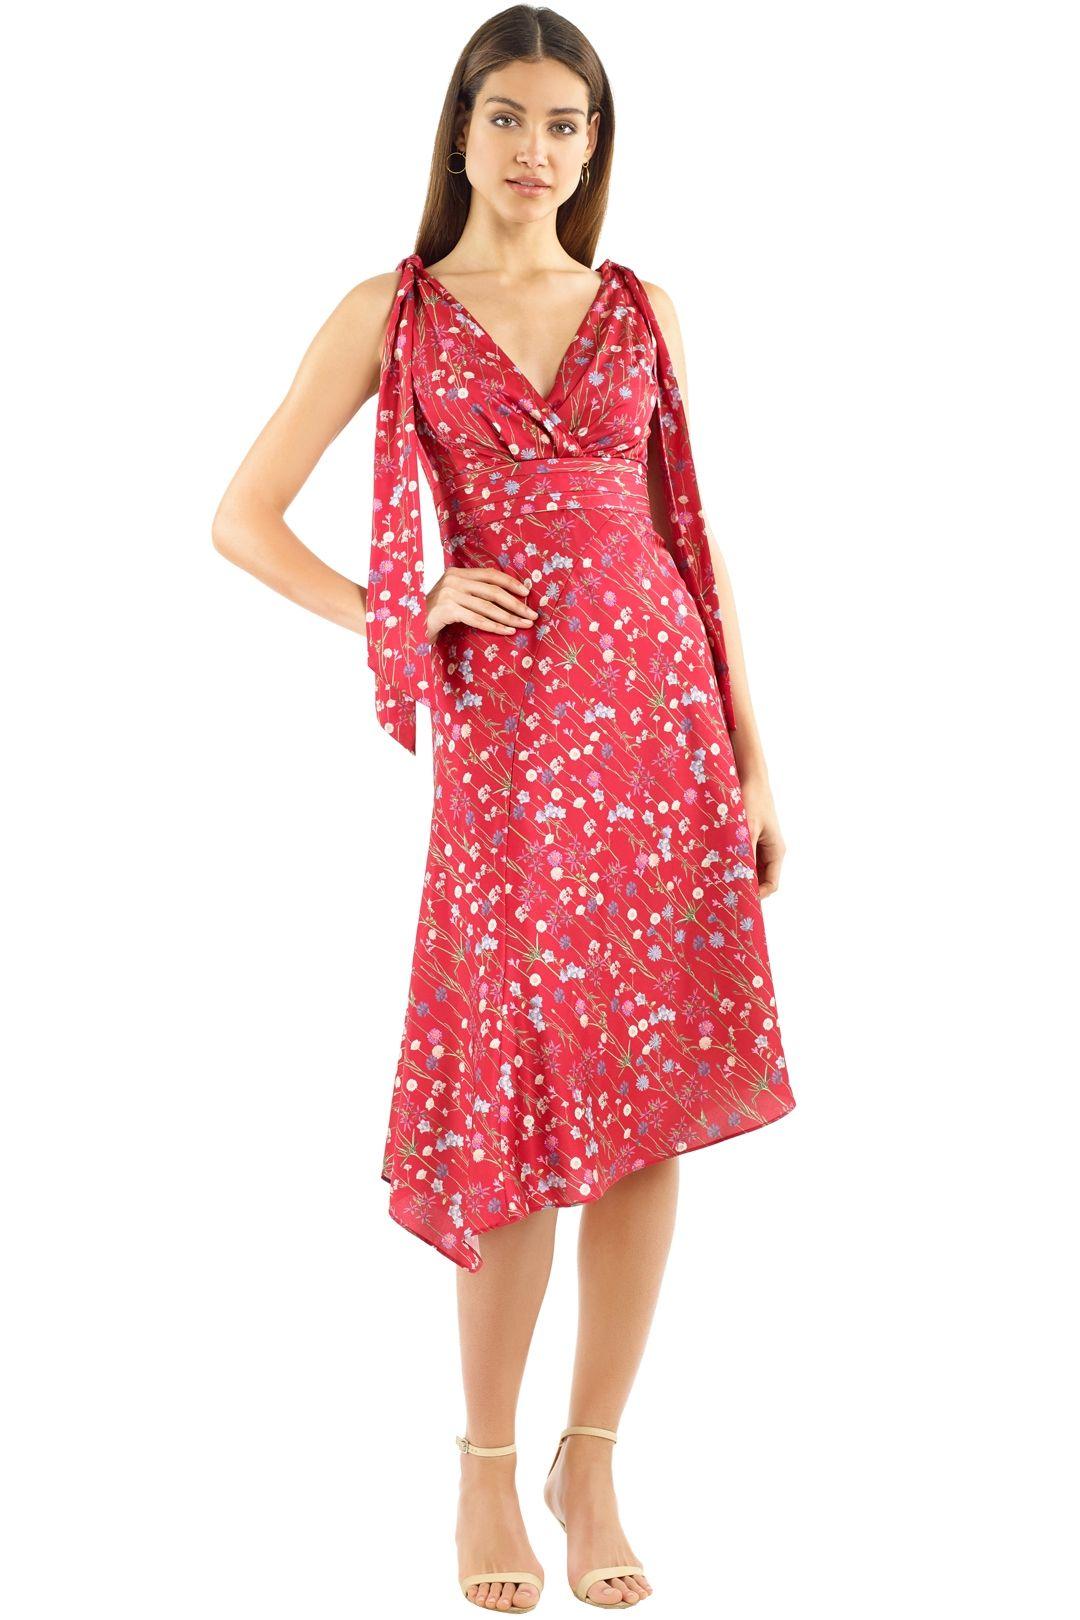 Keepsake the Label - Hold Back Dress - Scarlet Floral - Front